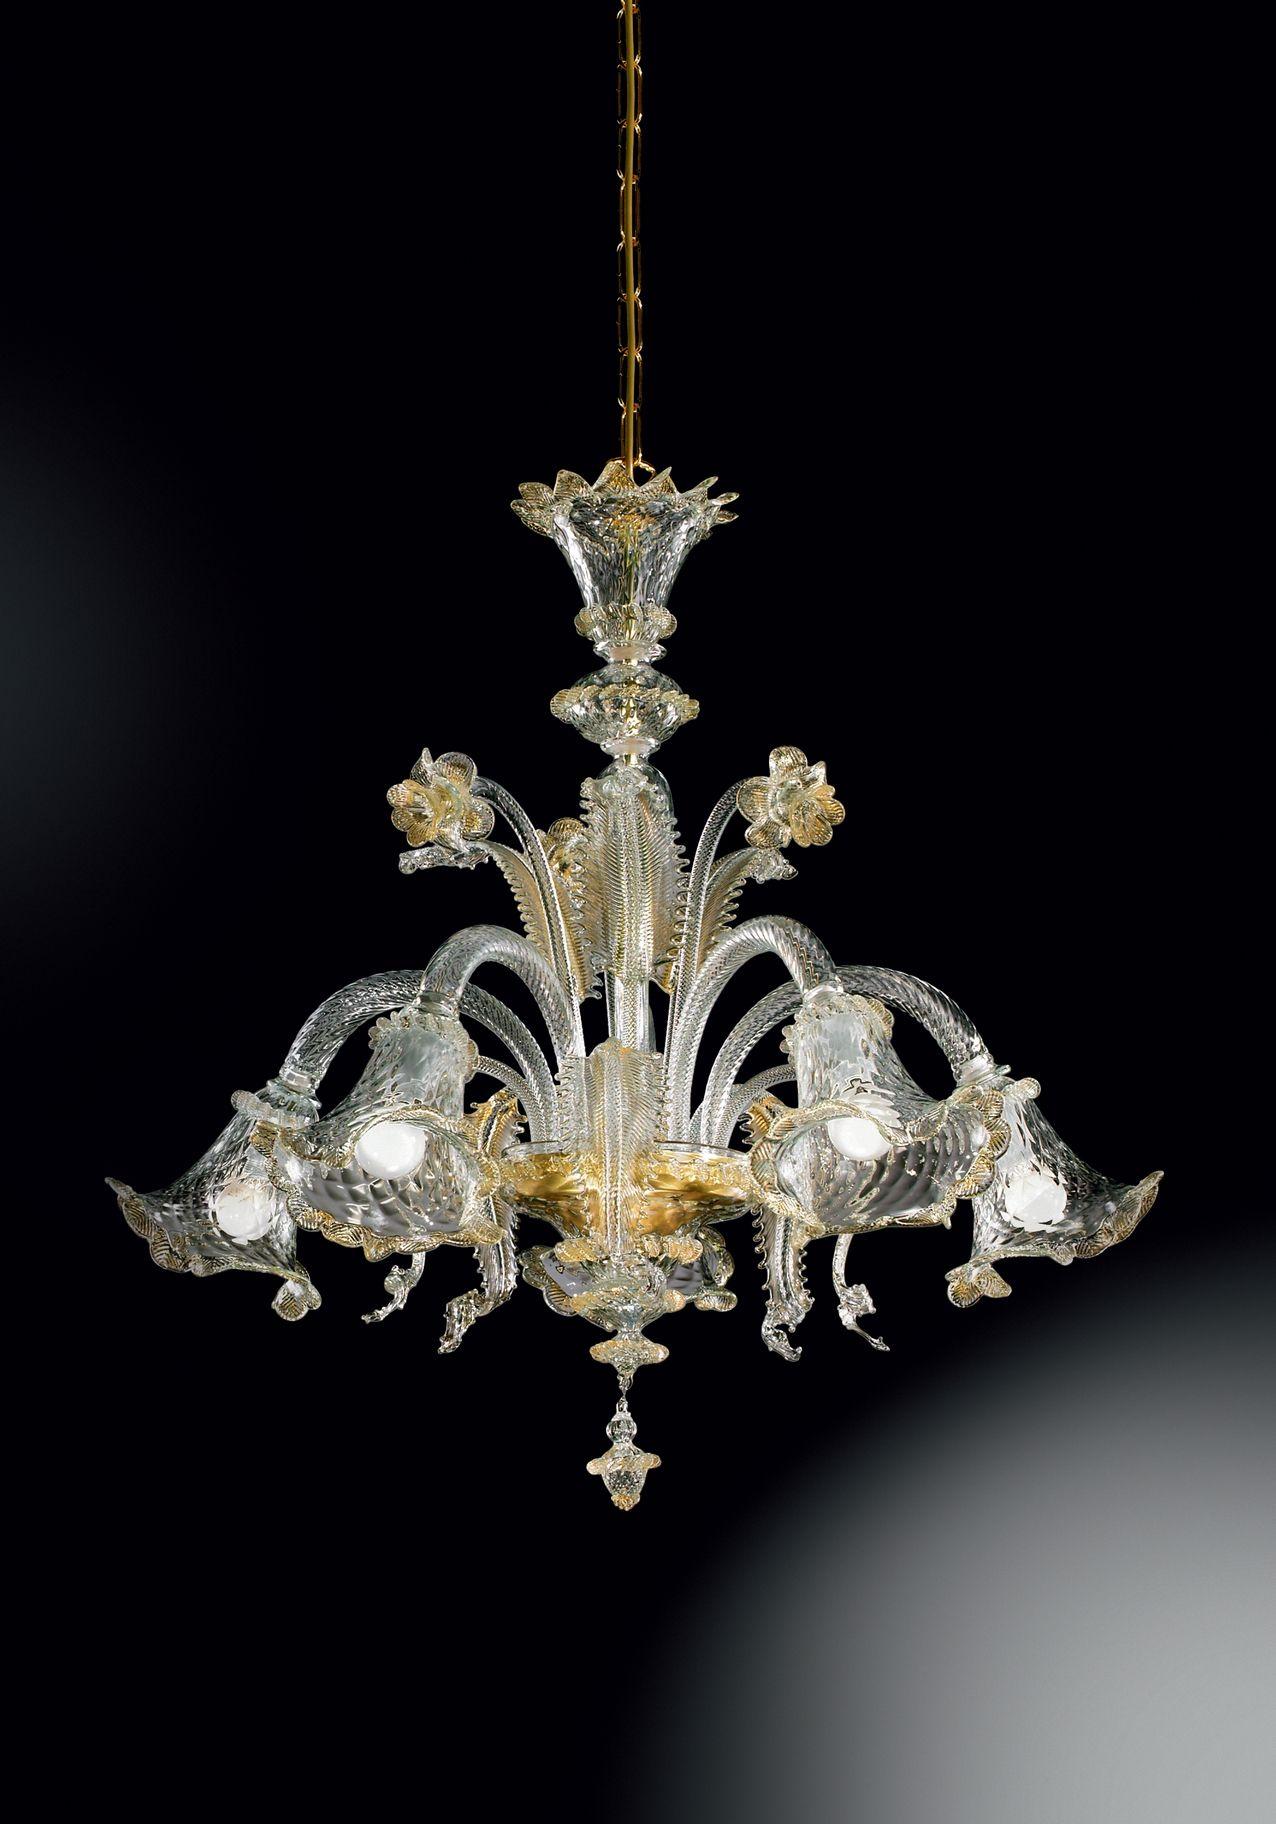 Lampadario Vetro Di Murano Classici.Lampadario A 5 Luci Vetro Di Murano Cristallo E Oro Con